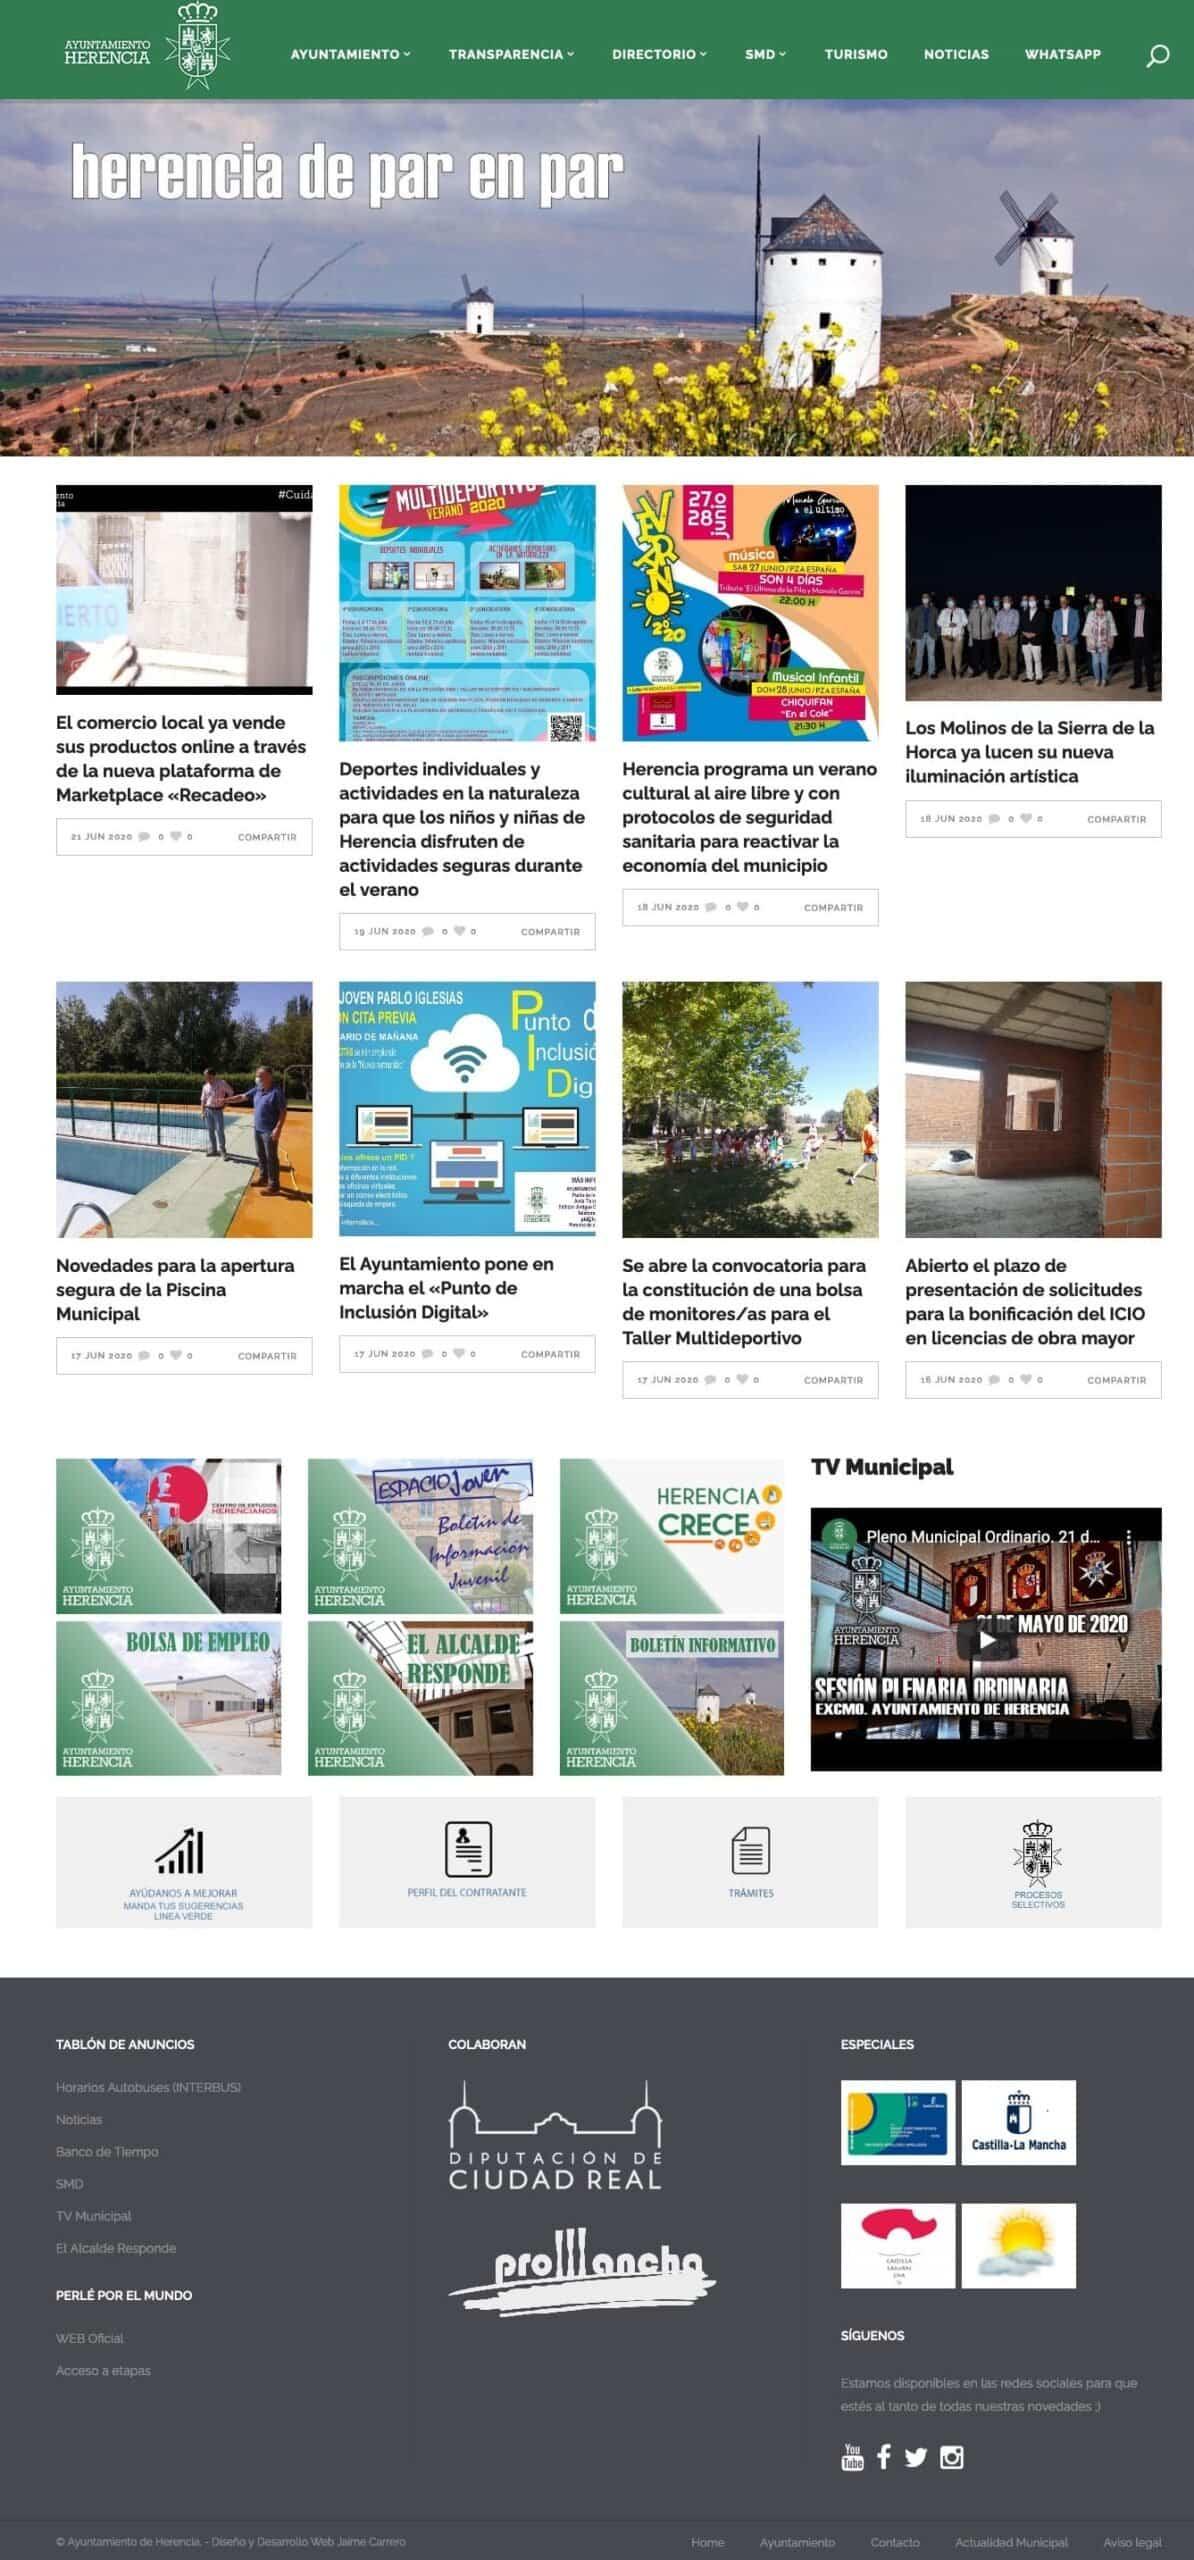 nueva web ayuntamiento herencia scaled - Ayuntamiento de Herencia